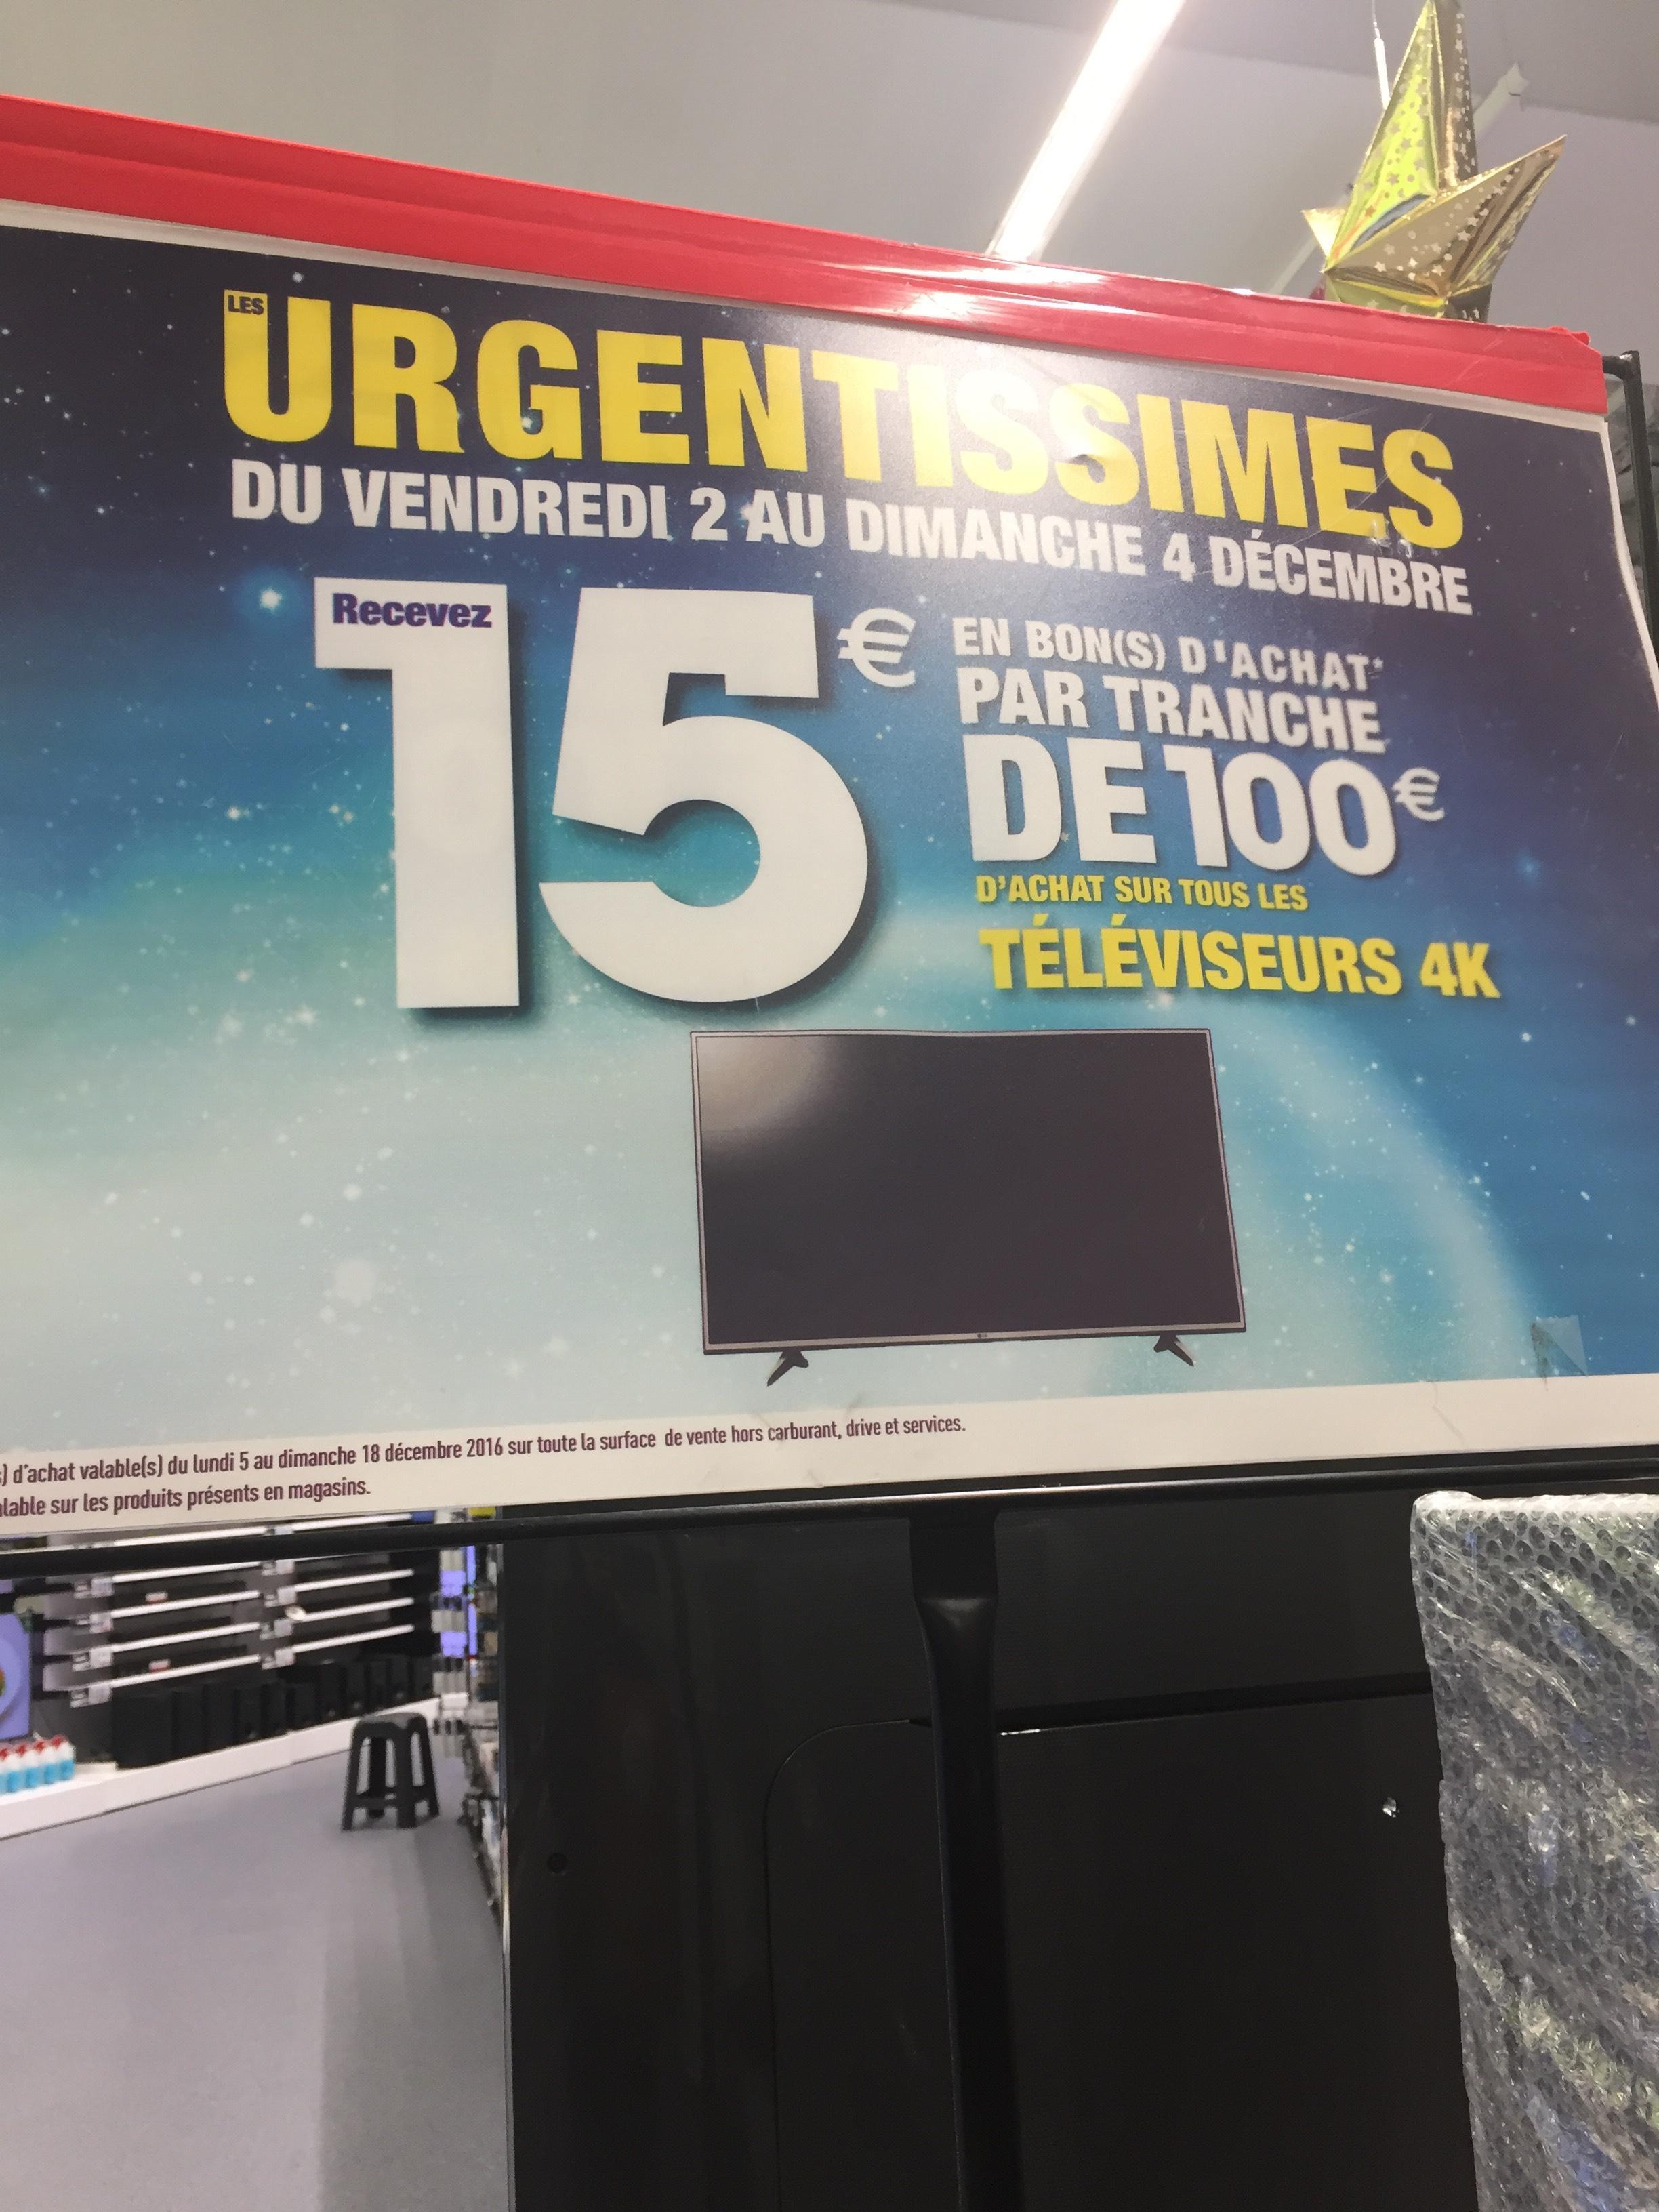 [MAJ]15€ offerts en bon d'achat par tranches de 100€ d'achat sur tous les téléviseurs 4K